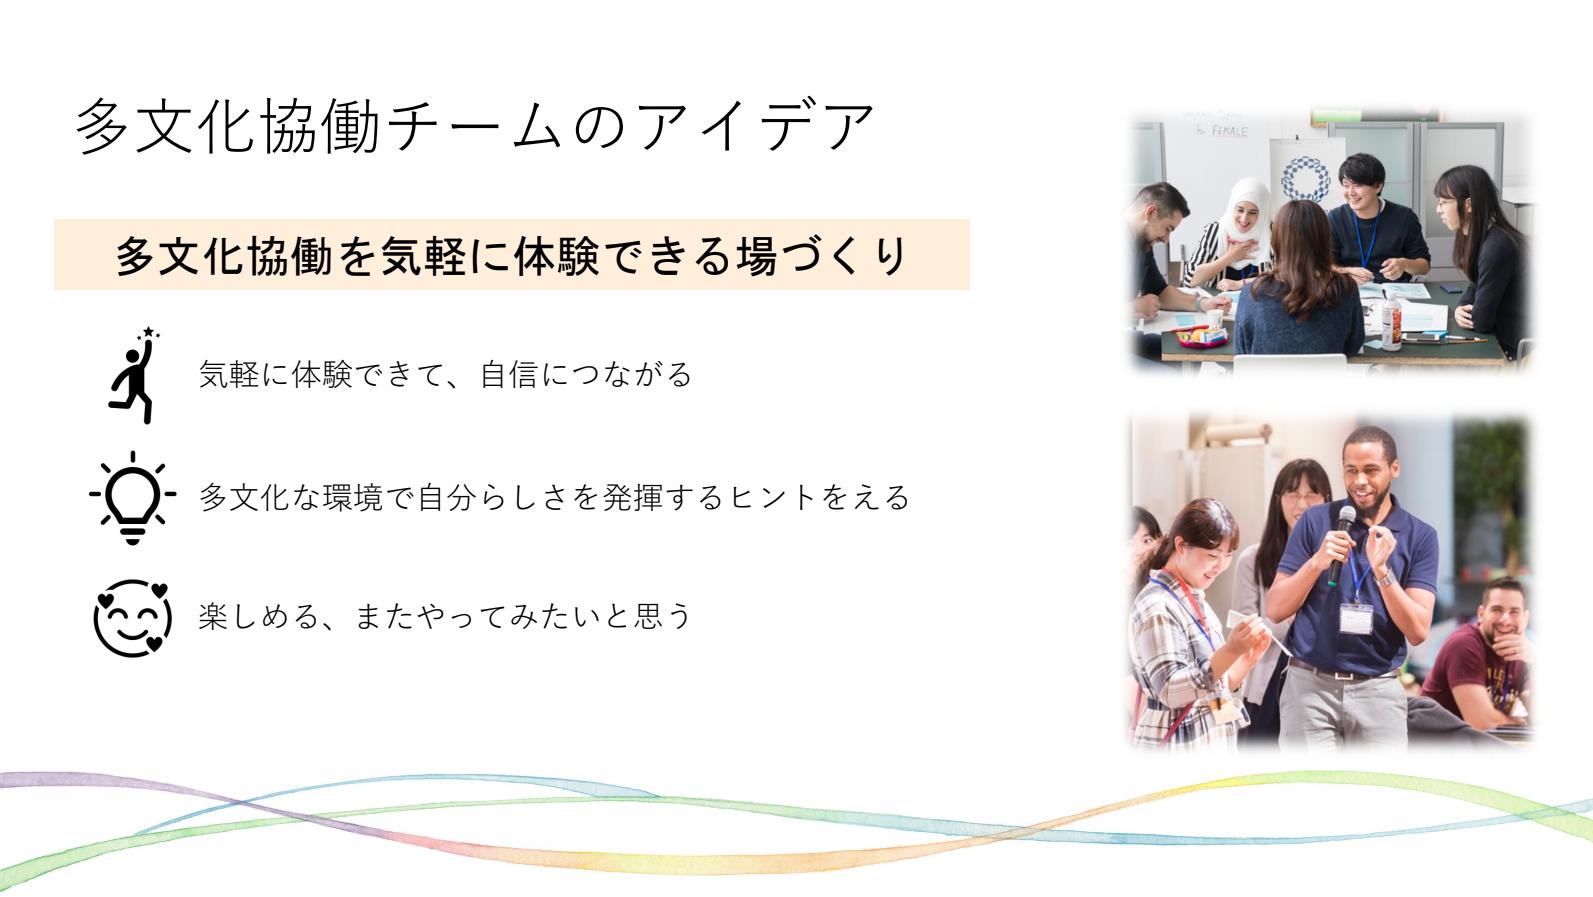 スクリーンショット 2021-03-26 11.36.24